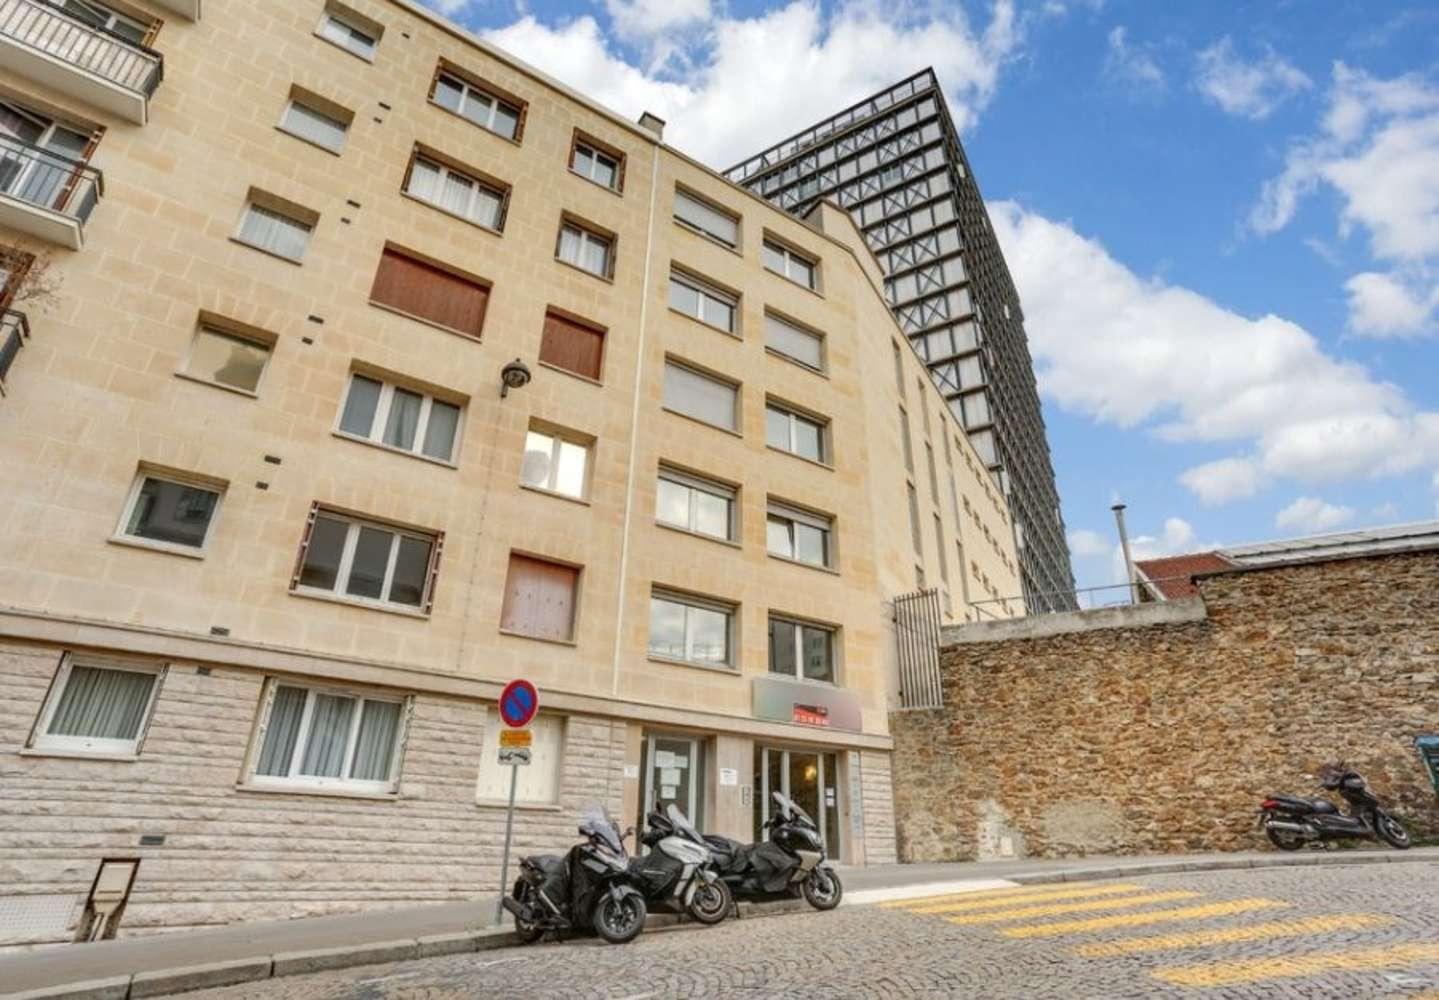 07b7023fae bureaux à louer - 75013 Ile-de-France PARIS (62336) | JLL France